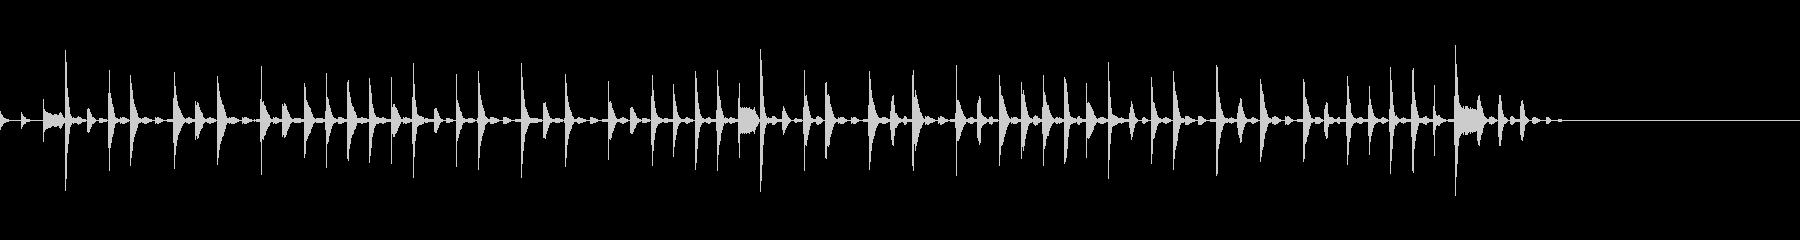 キラキラして浮遊感のあるシンキングタイムの未再生の波形